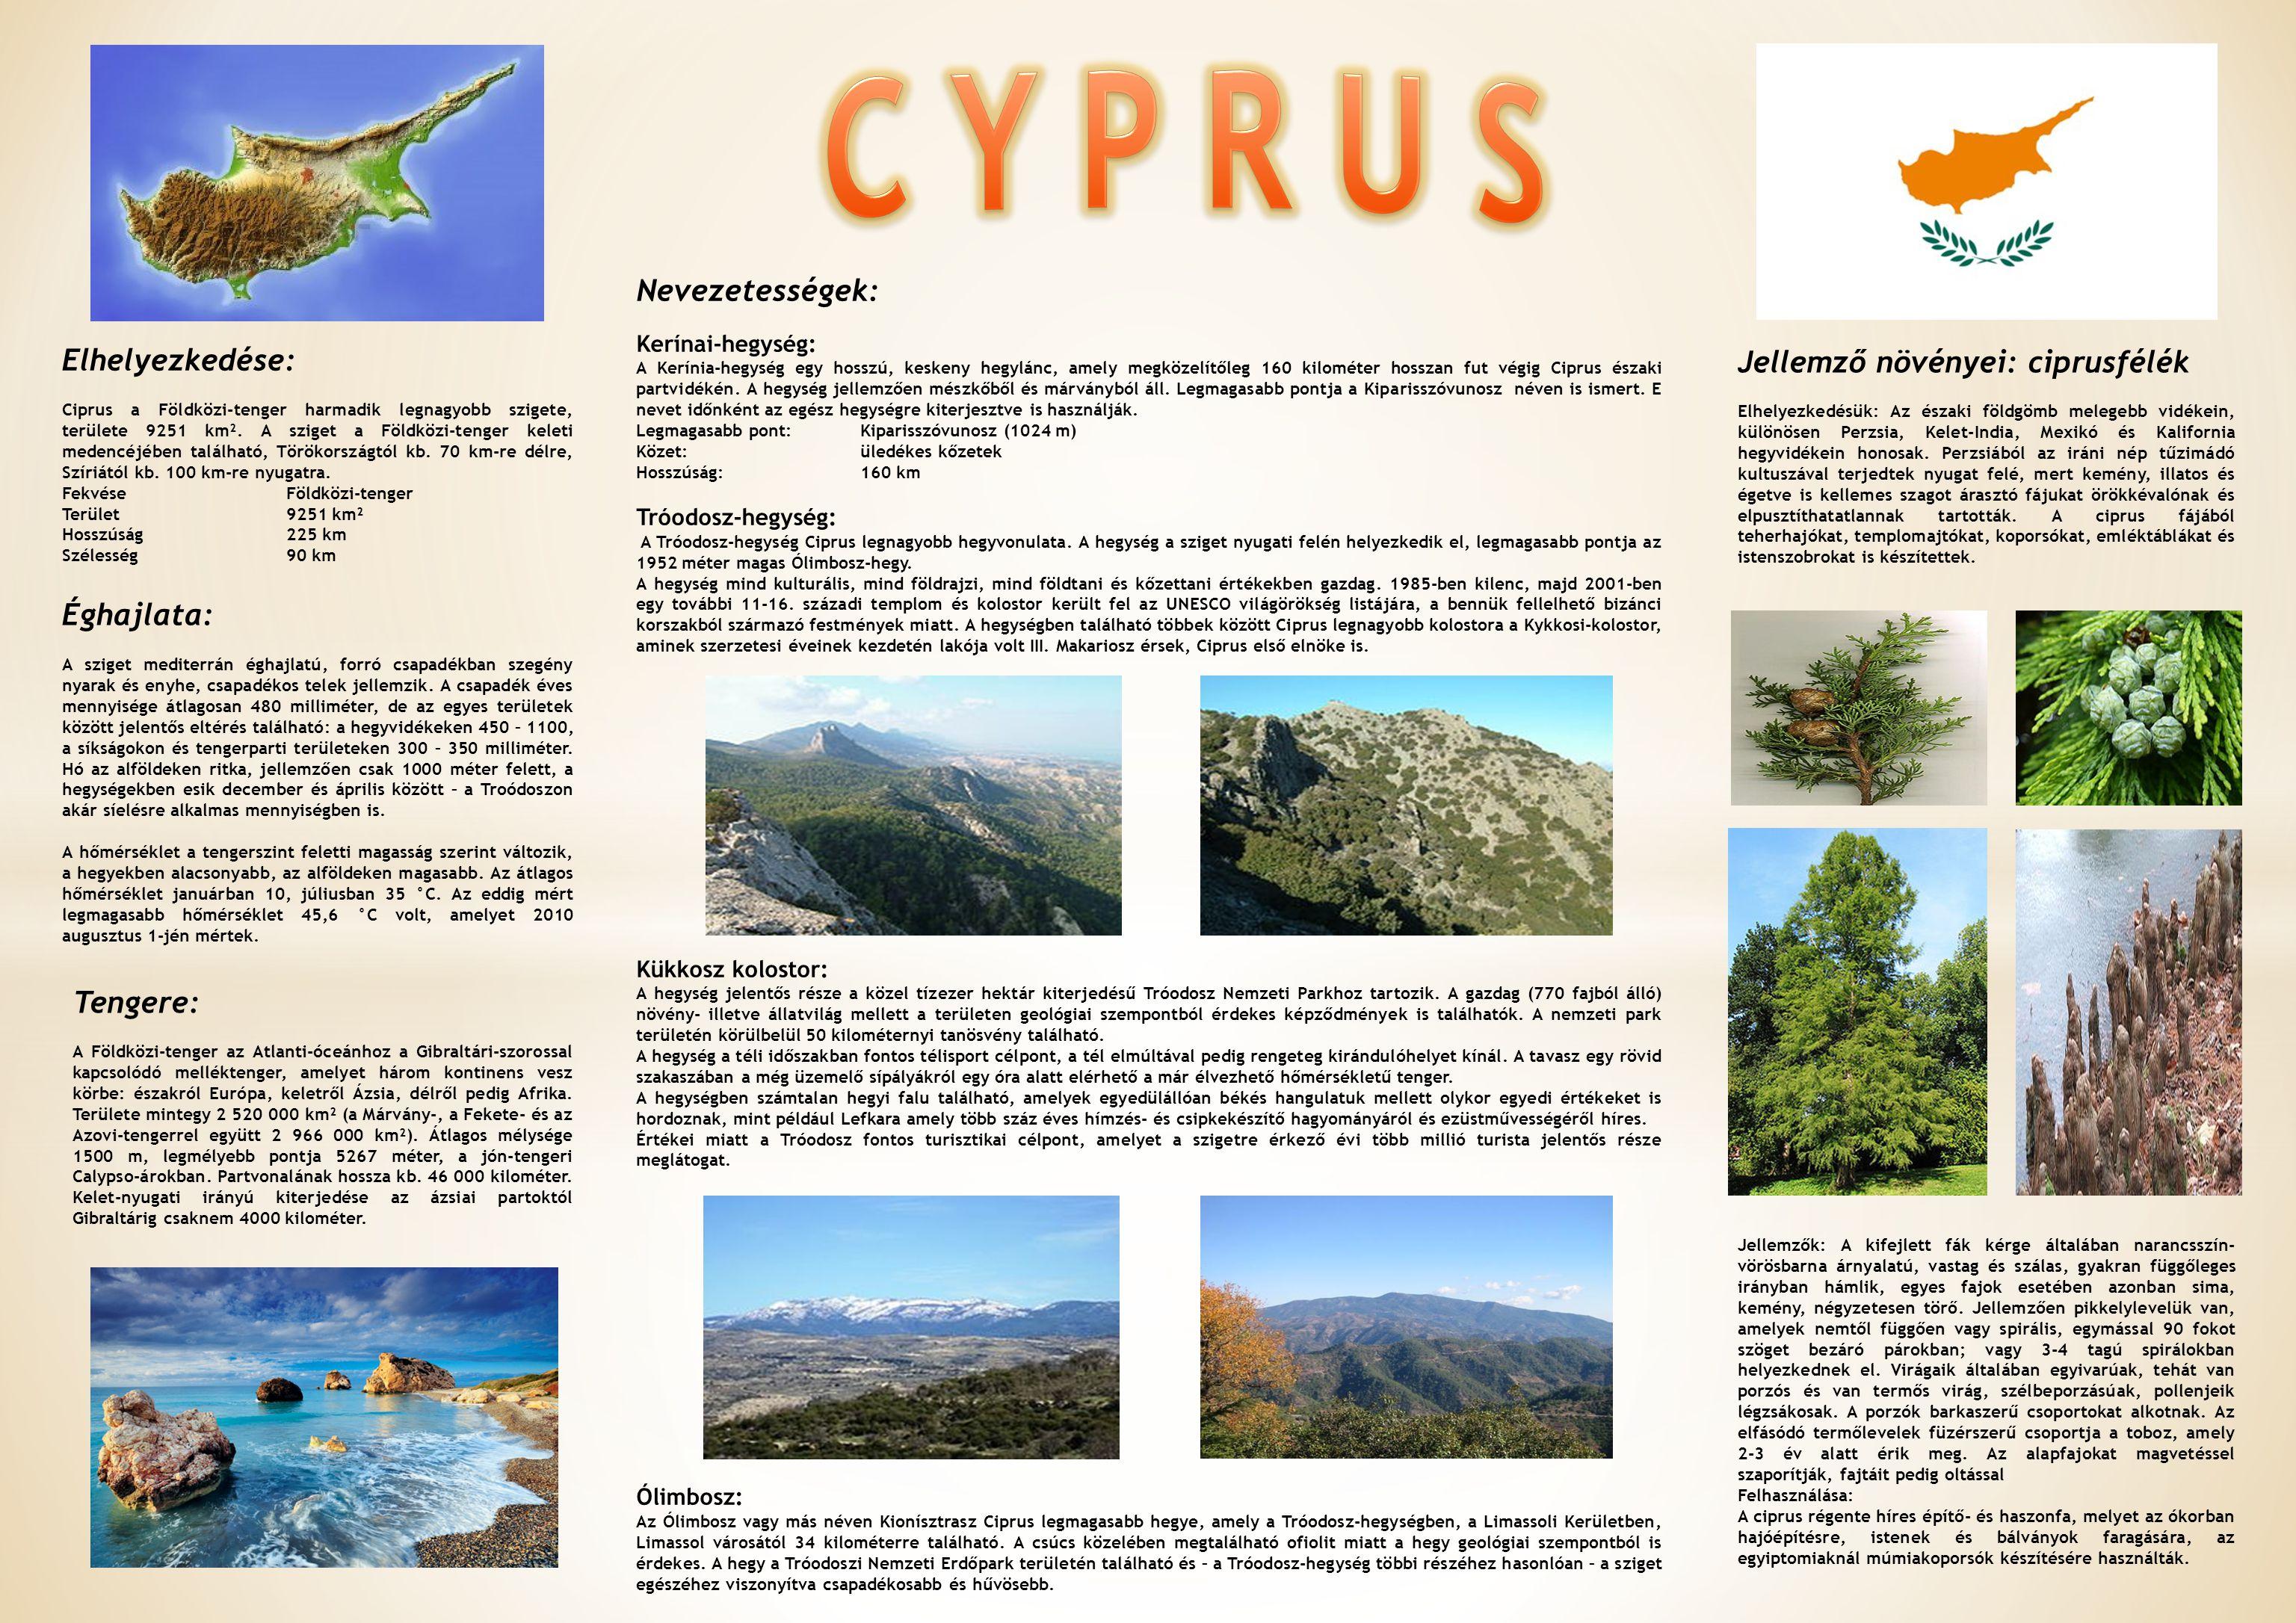 Elhelyezkedése: Ciprus a Földközi-tenger harmadik legnagyobb szigete, területe 9251 km².